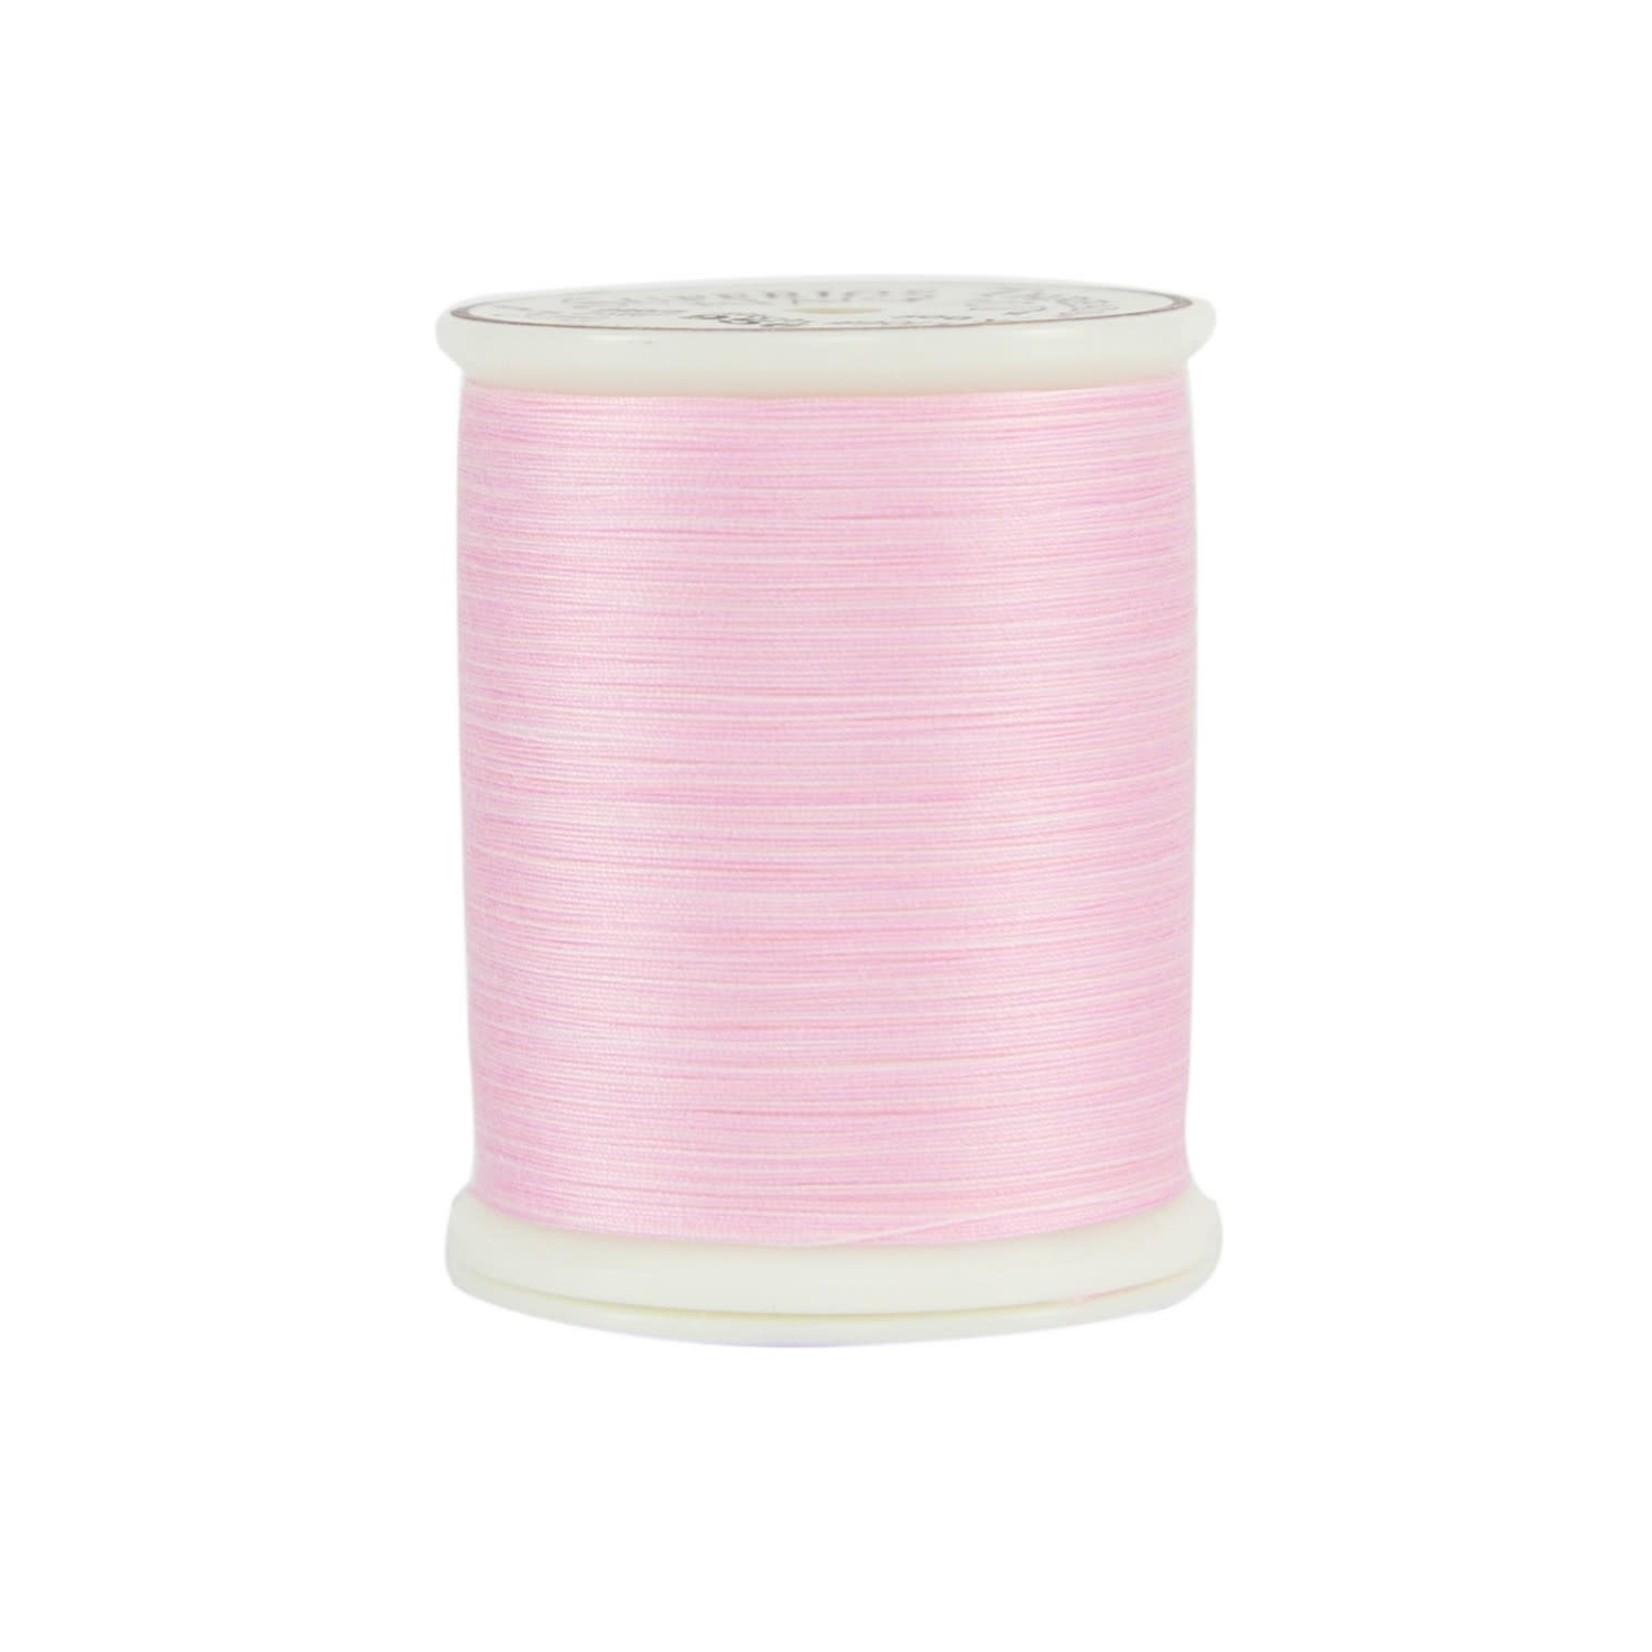 Superior Threads King Tut - #40 - 457 m - 0956 Angel Pink